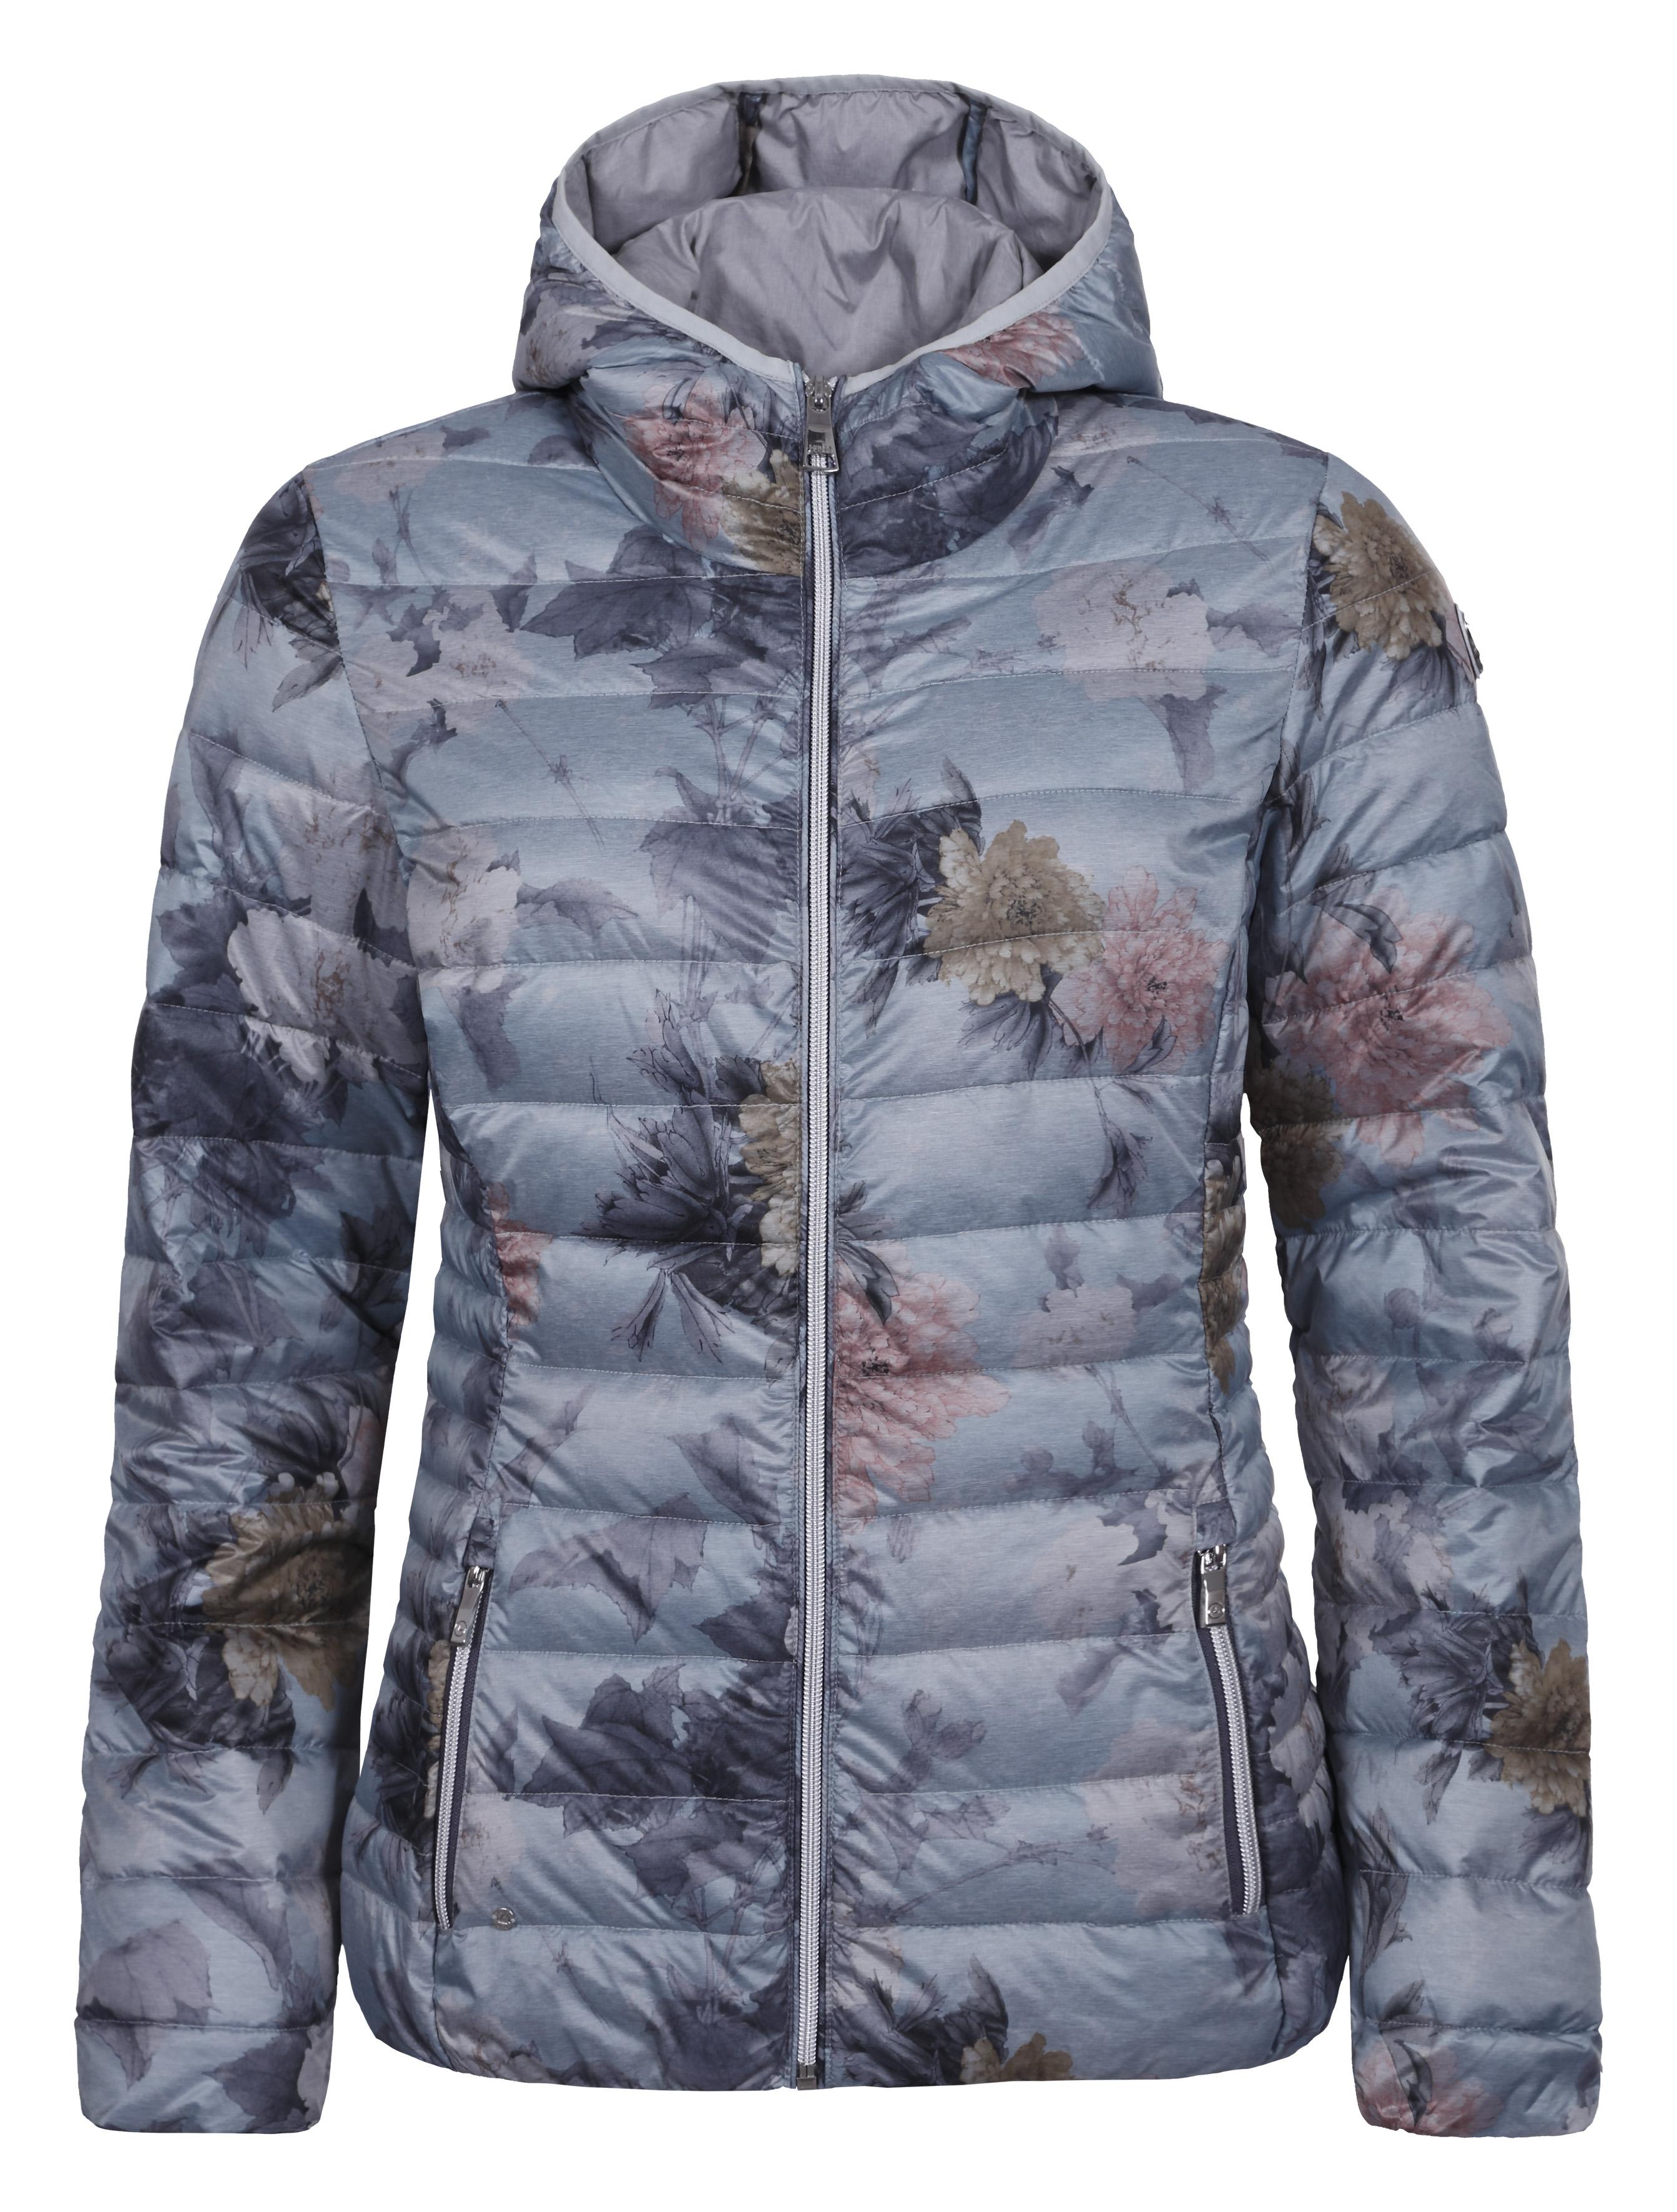 Coup de coeur : les manteaux finlandais Luhta | Ton petit look